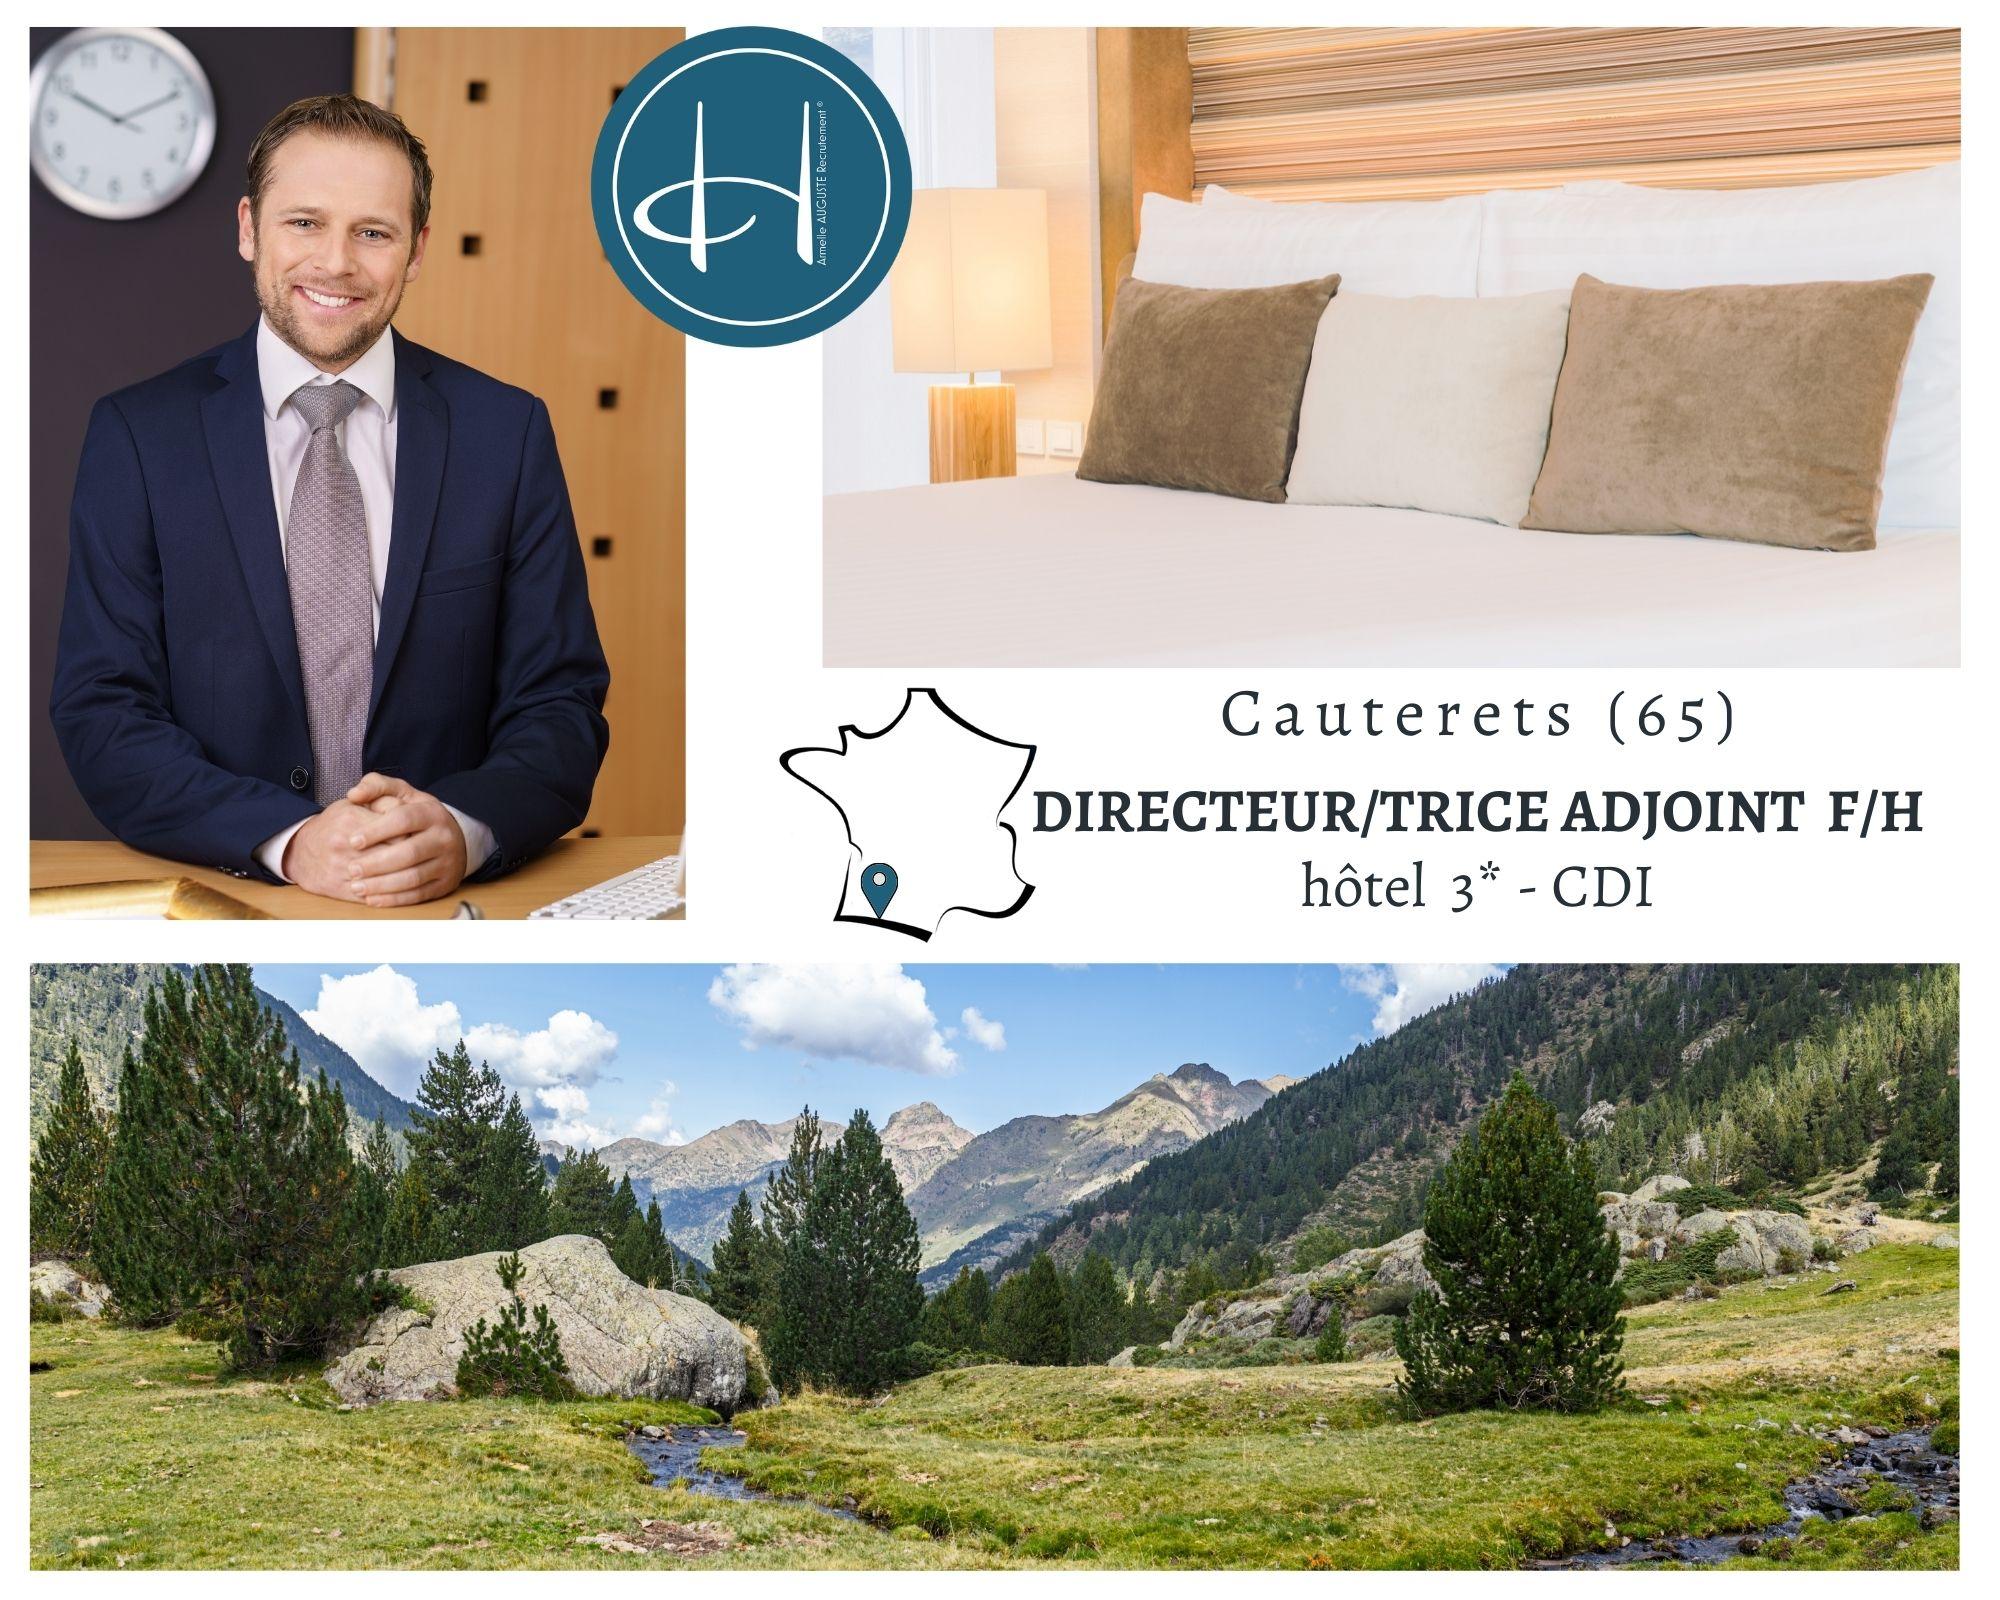 Recrutement: Adjoint de Direction Hôtel F/H chez Armelle AUGUSTE Recrutement® à Cauterets